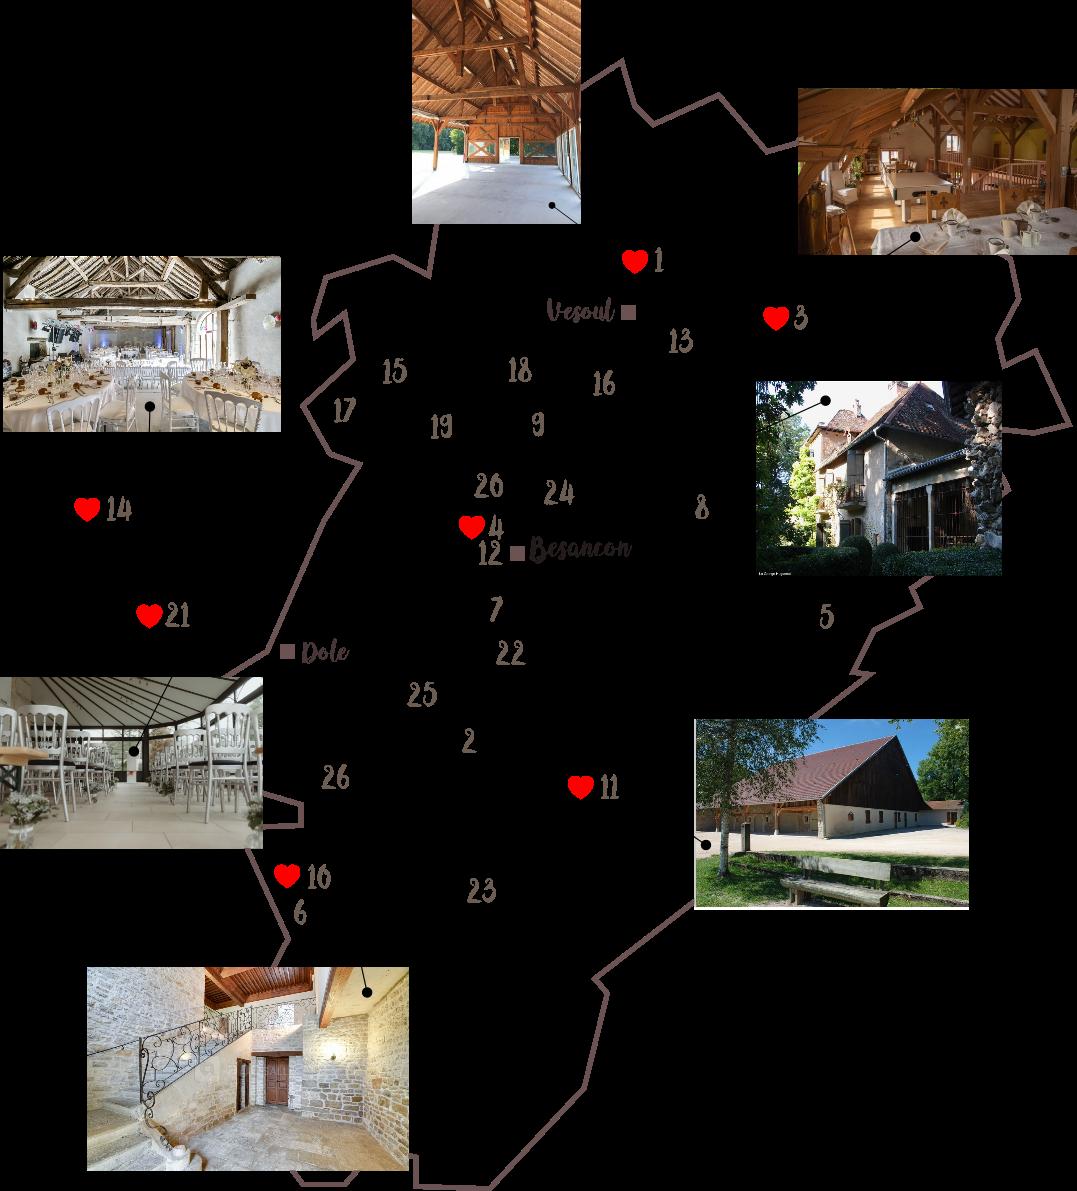 pauline-dress-blog-mariage-lieux-domaine-chateau-grange-verriere-champetre-poutres-apparentes-salle-préau-franche-comte-besancon-doubs-jura-haute-saone-carte